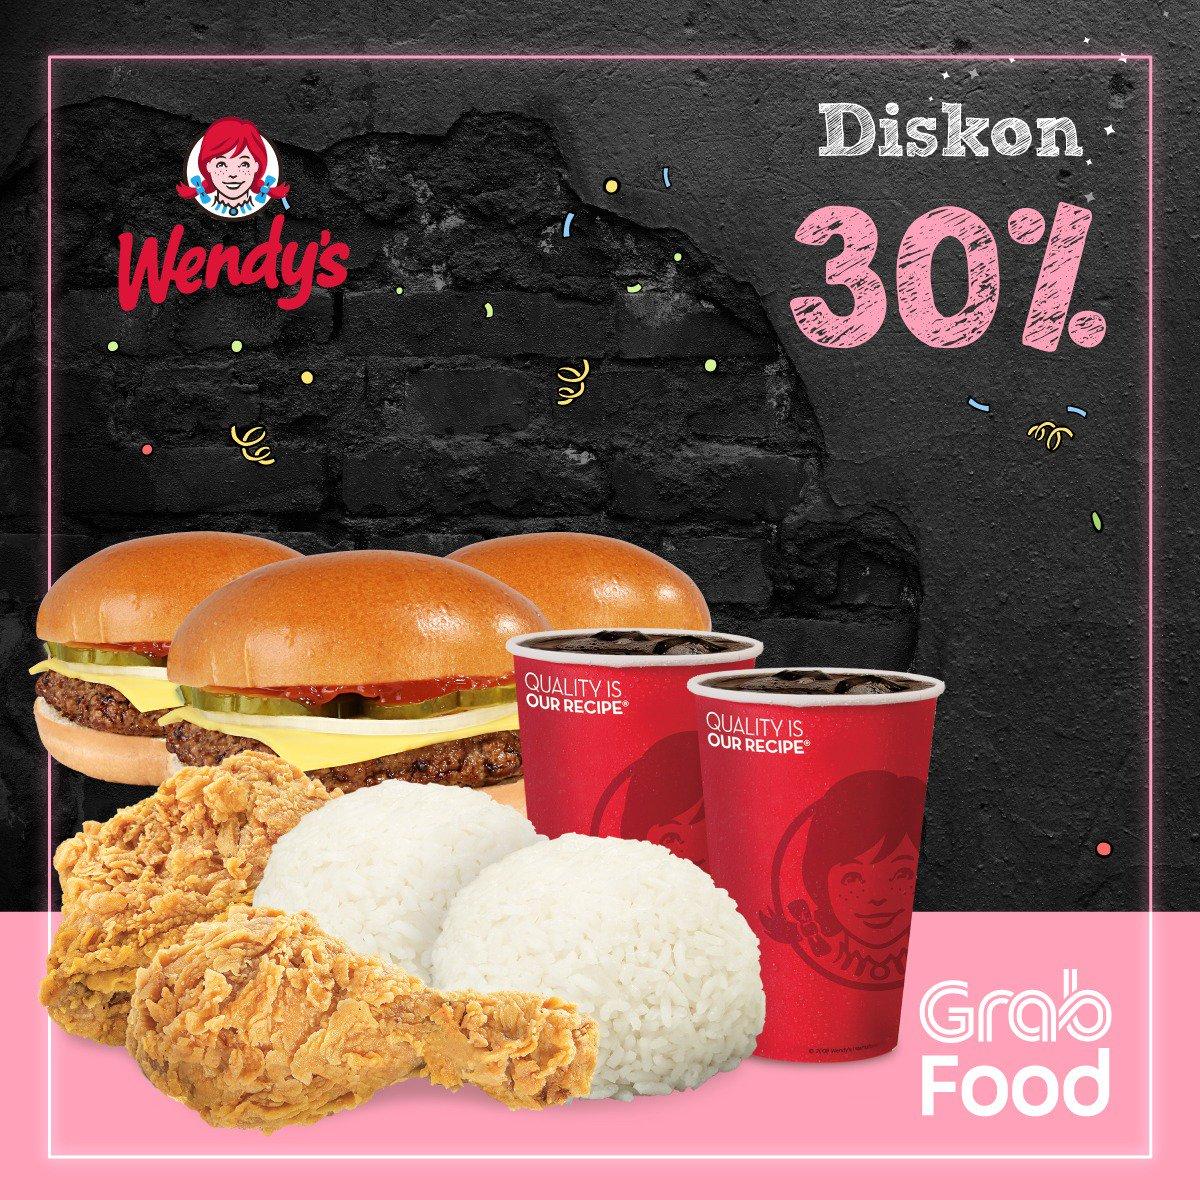 #Wendy's - Promo Diskon 30% Pakai Aplikasi GrabFood (s.d 31 Jan 2019)